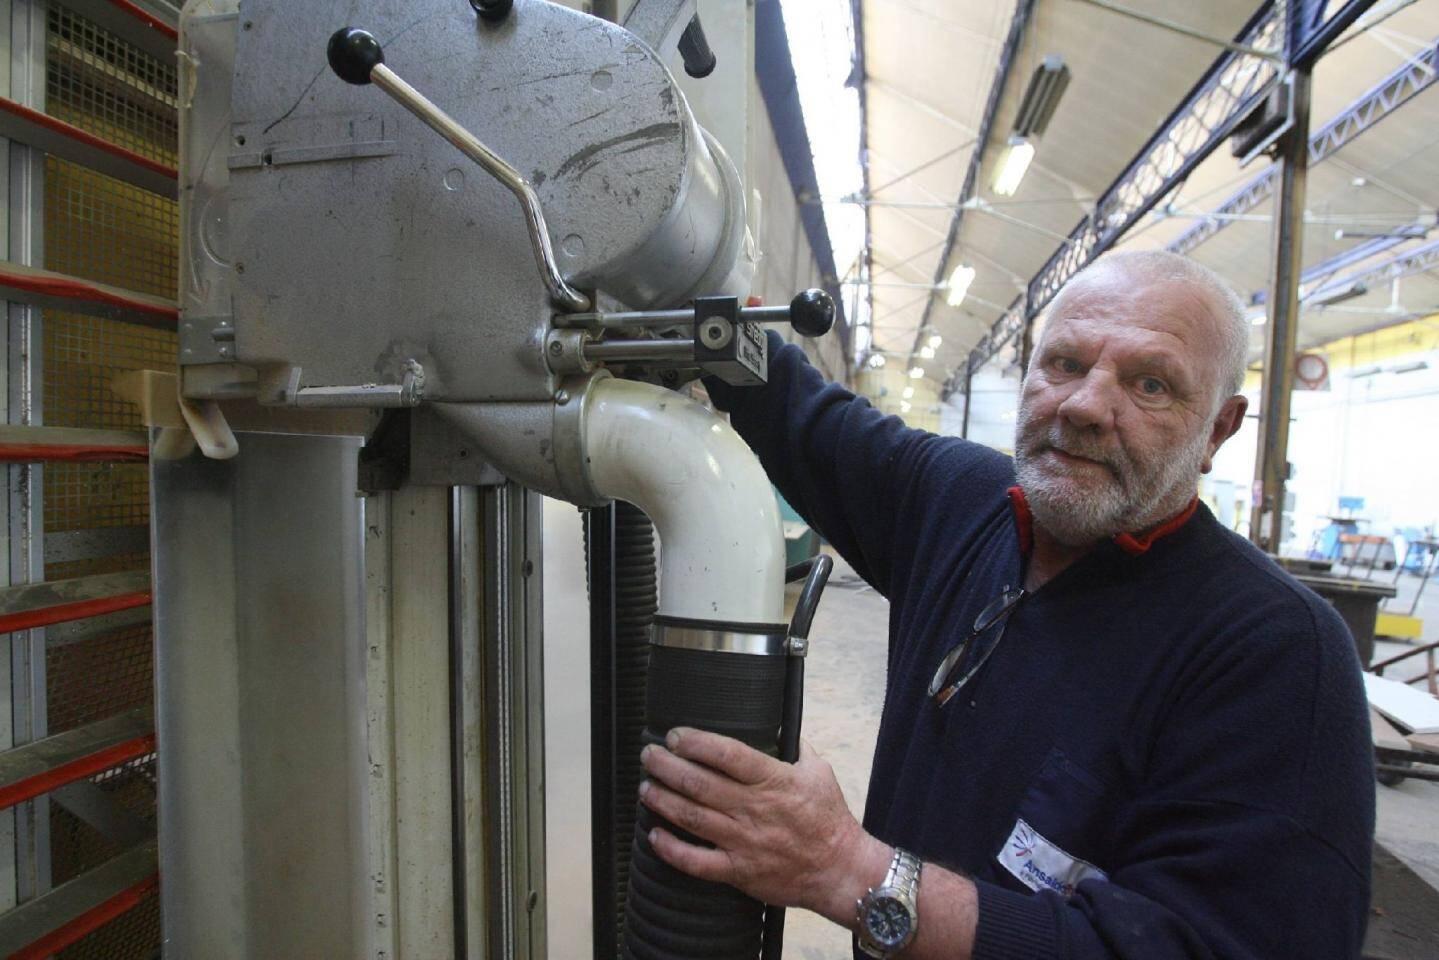 Philippe travaille depuis 32 ans à AnsaldoBreda à l'atelier menuiserie.(Photos A.B.-J)